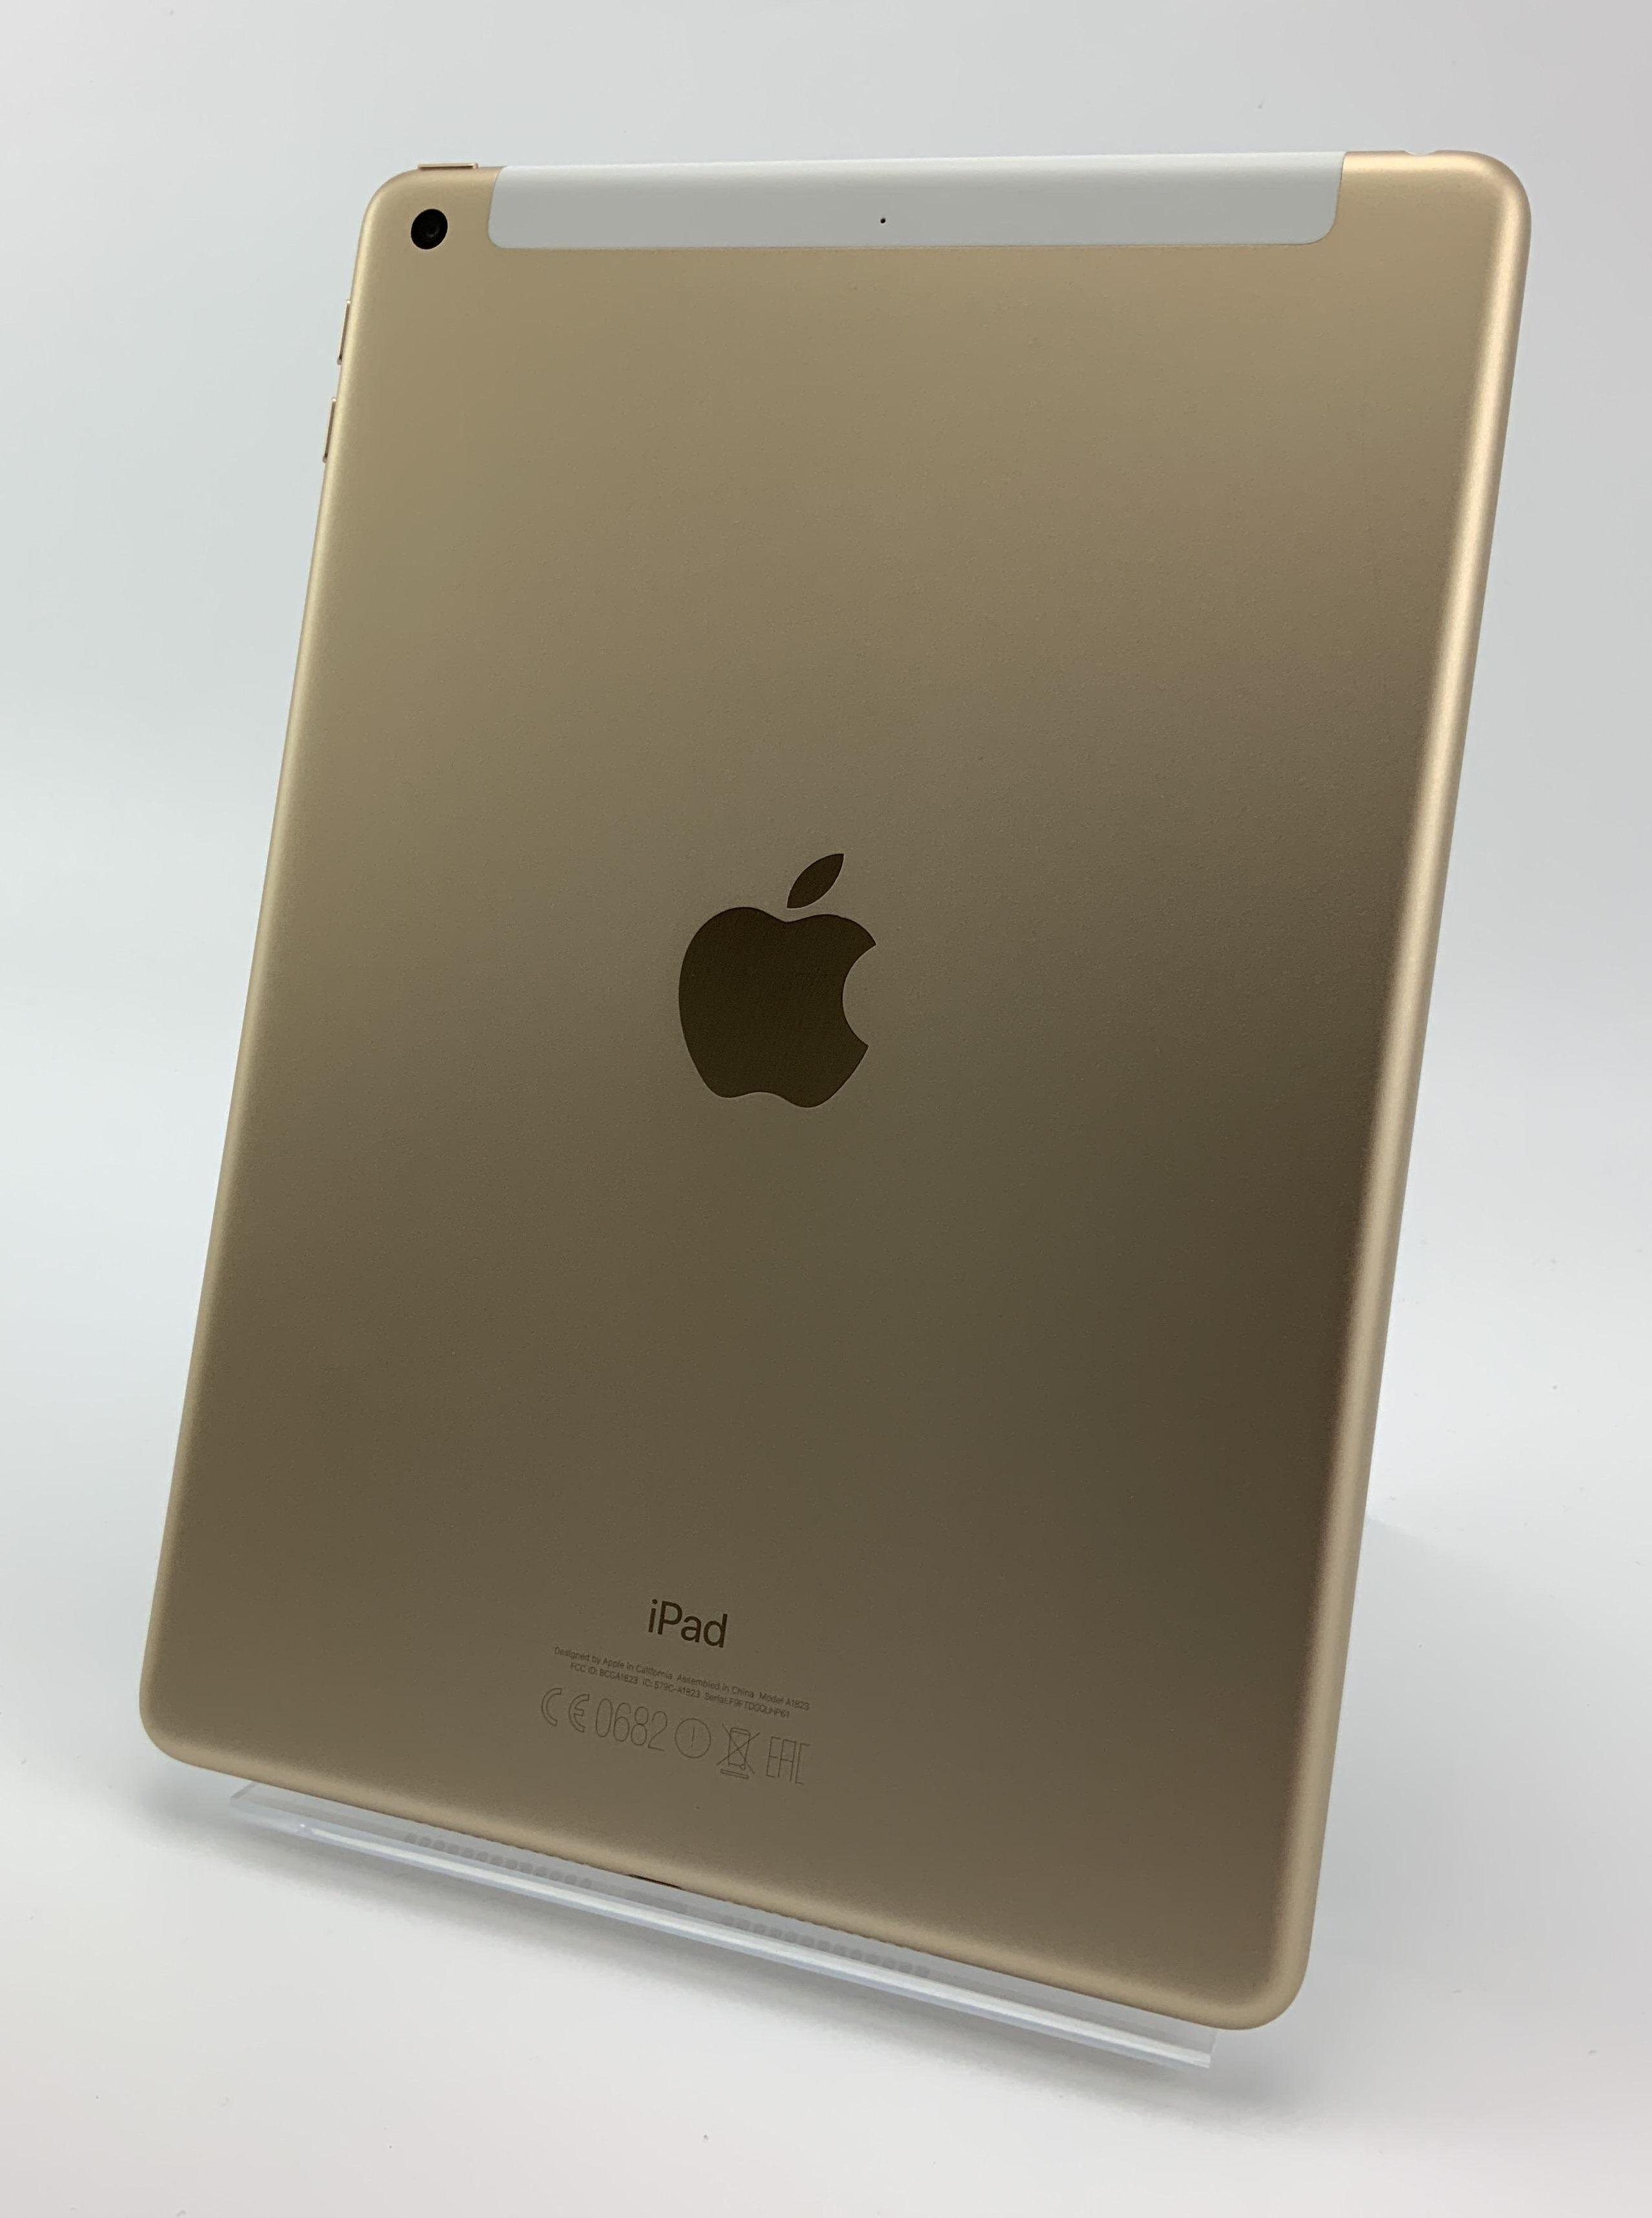 iPad 5 Wi-Fi + Cellular 32GB, 32GB, Gold, image 2